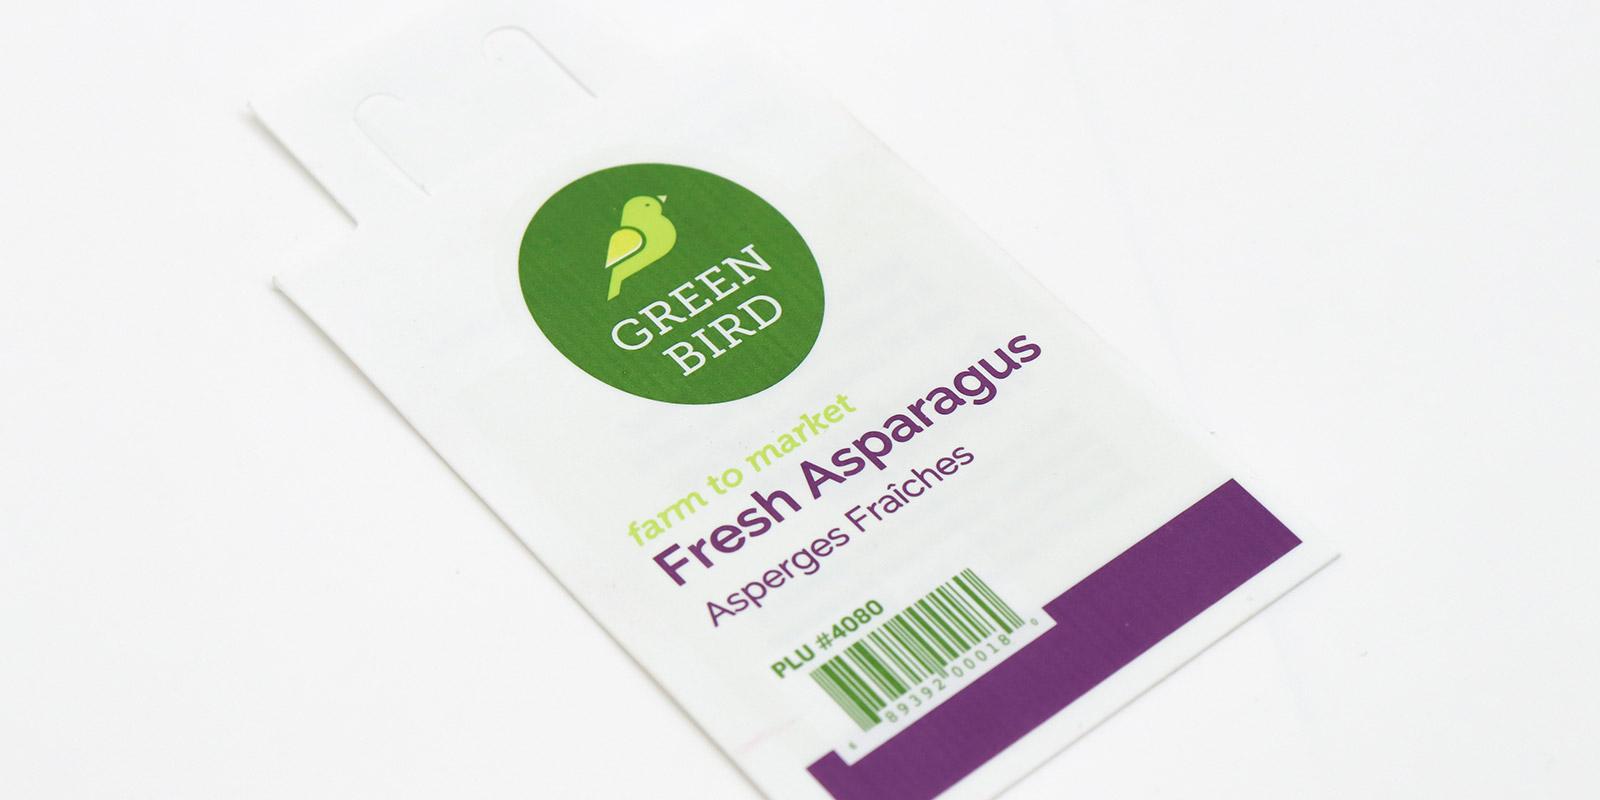 Westcoast Fresh tag design